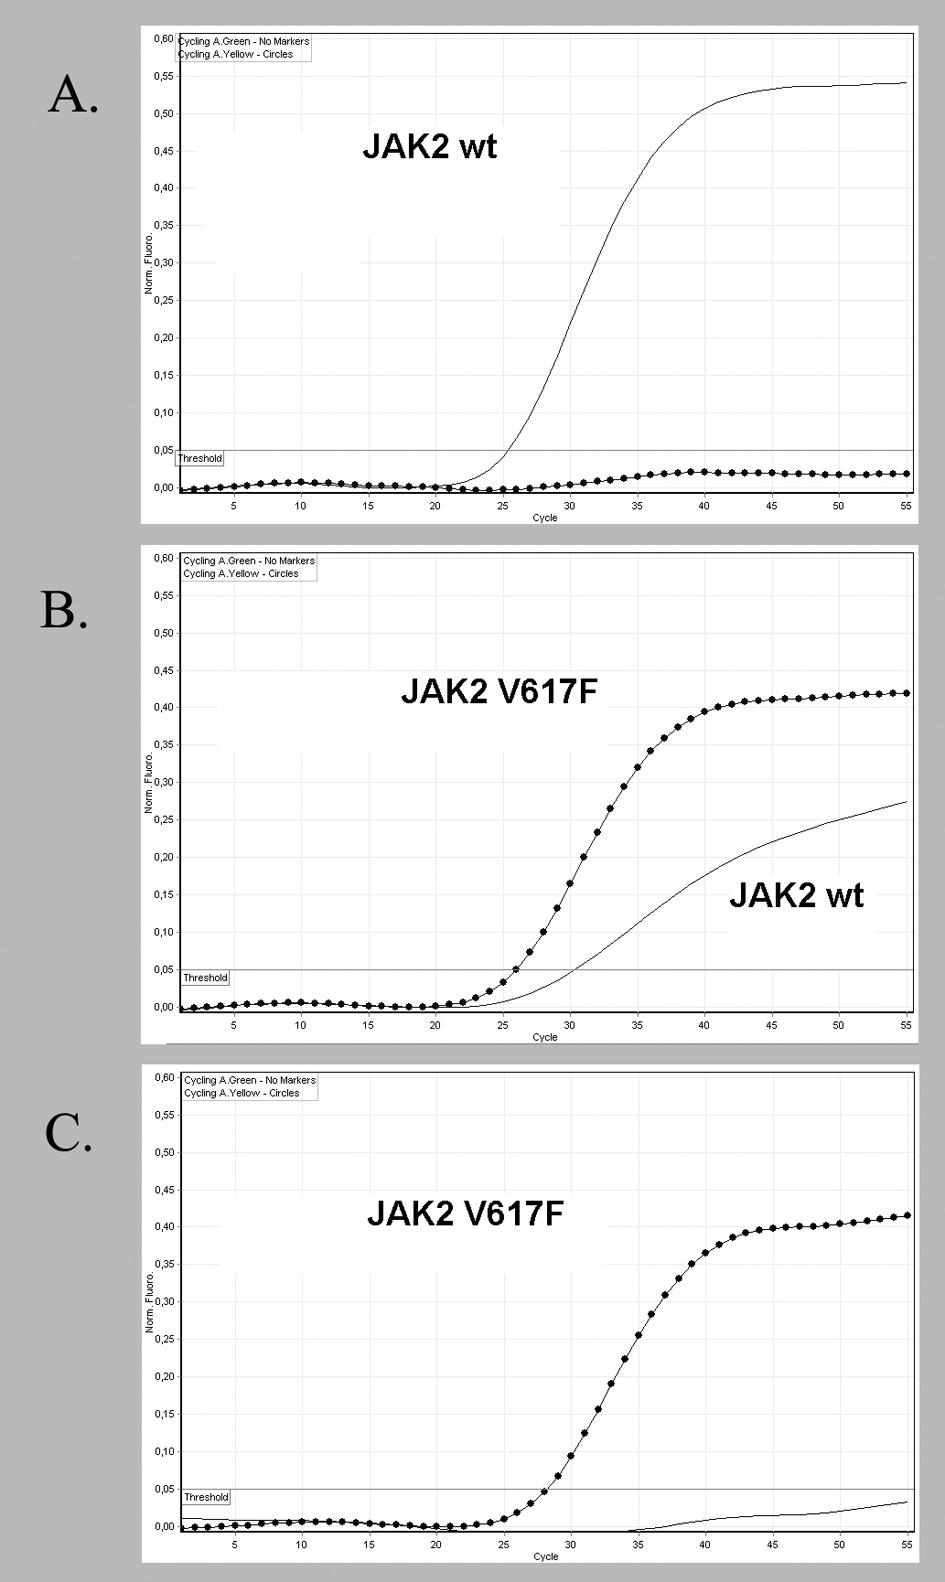 Alelická diskriminace s použitím dvojice hybridizačních LNA -modifikovaných sond. FAM - sonda hybridizuje s normální sekvencí JAK2 genu (plná čára), HEX - sonda hybridizuje s mutovanou sekvencí JAK2<sup>V617F</sup> (tečkovaná čára). Vzorek DNA V617F negativního pacienta obsahující pouze normální sekvenci JAK2 vykazuje signál jen FAM - sondy (A). U pacienta B je zachycen signál obou sond a u DNA pacienta C je detekován signál jen s HEX - sondou.